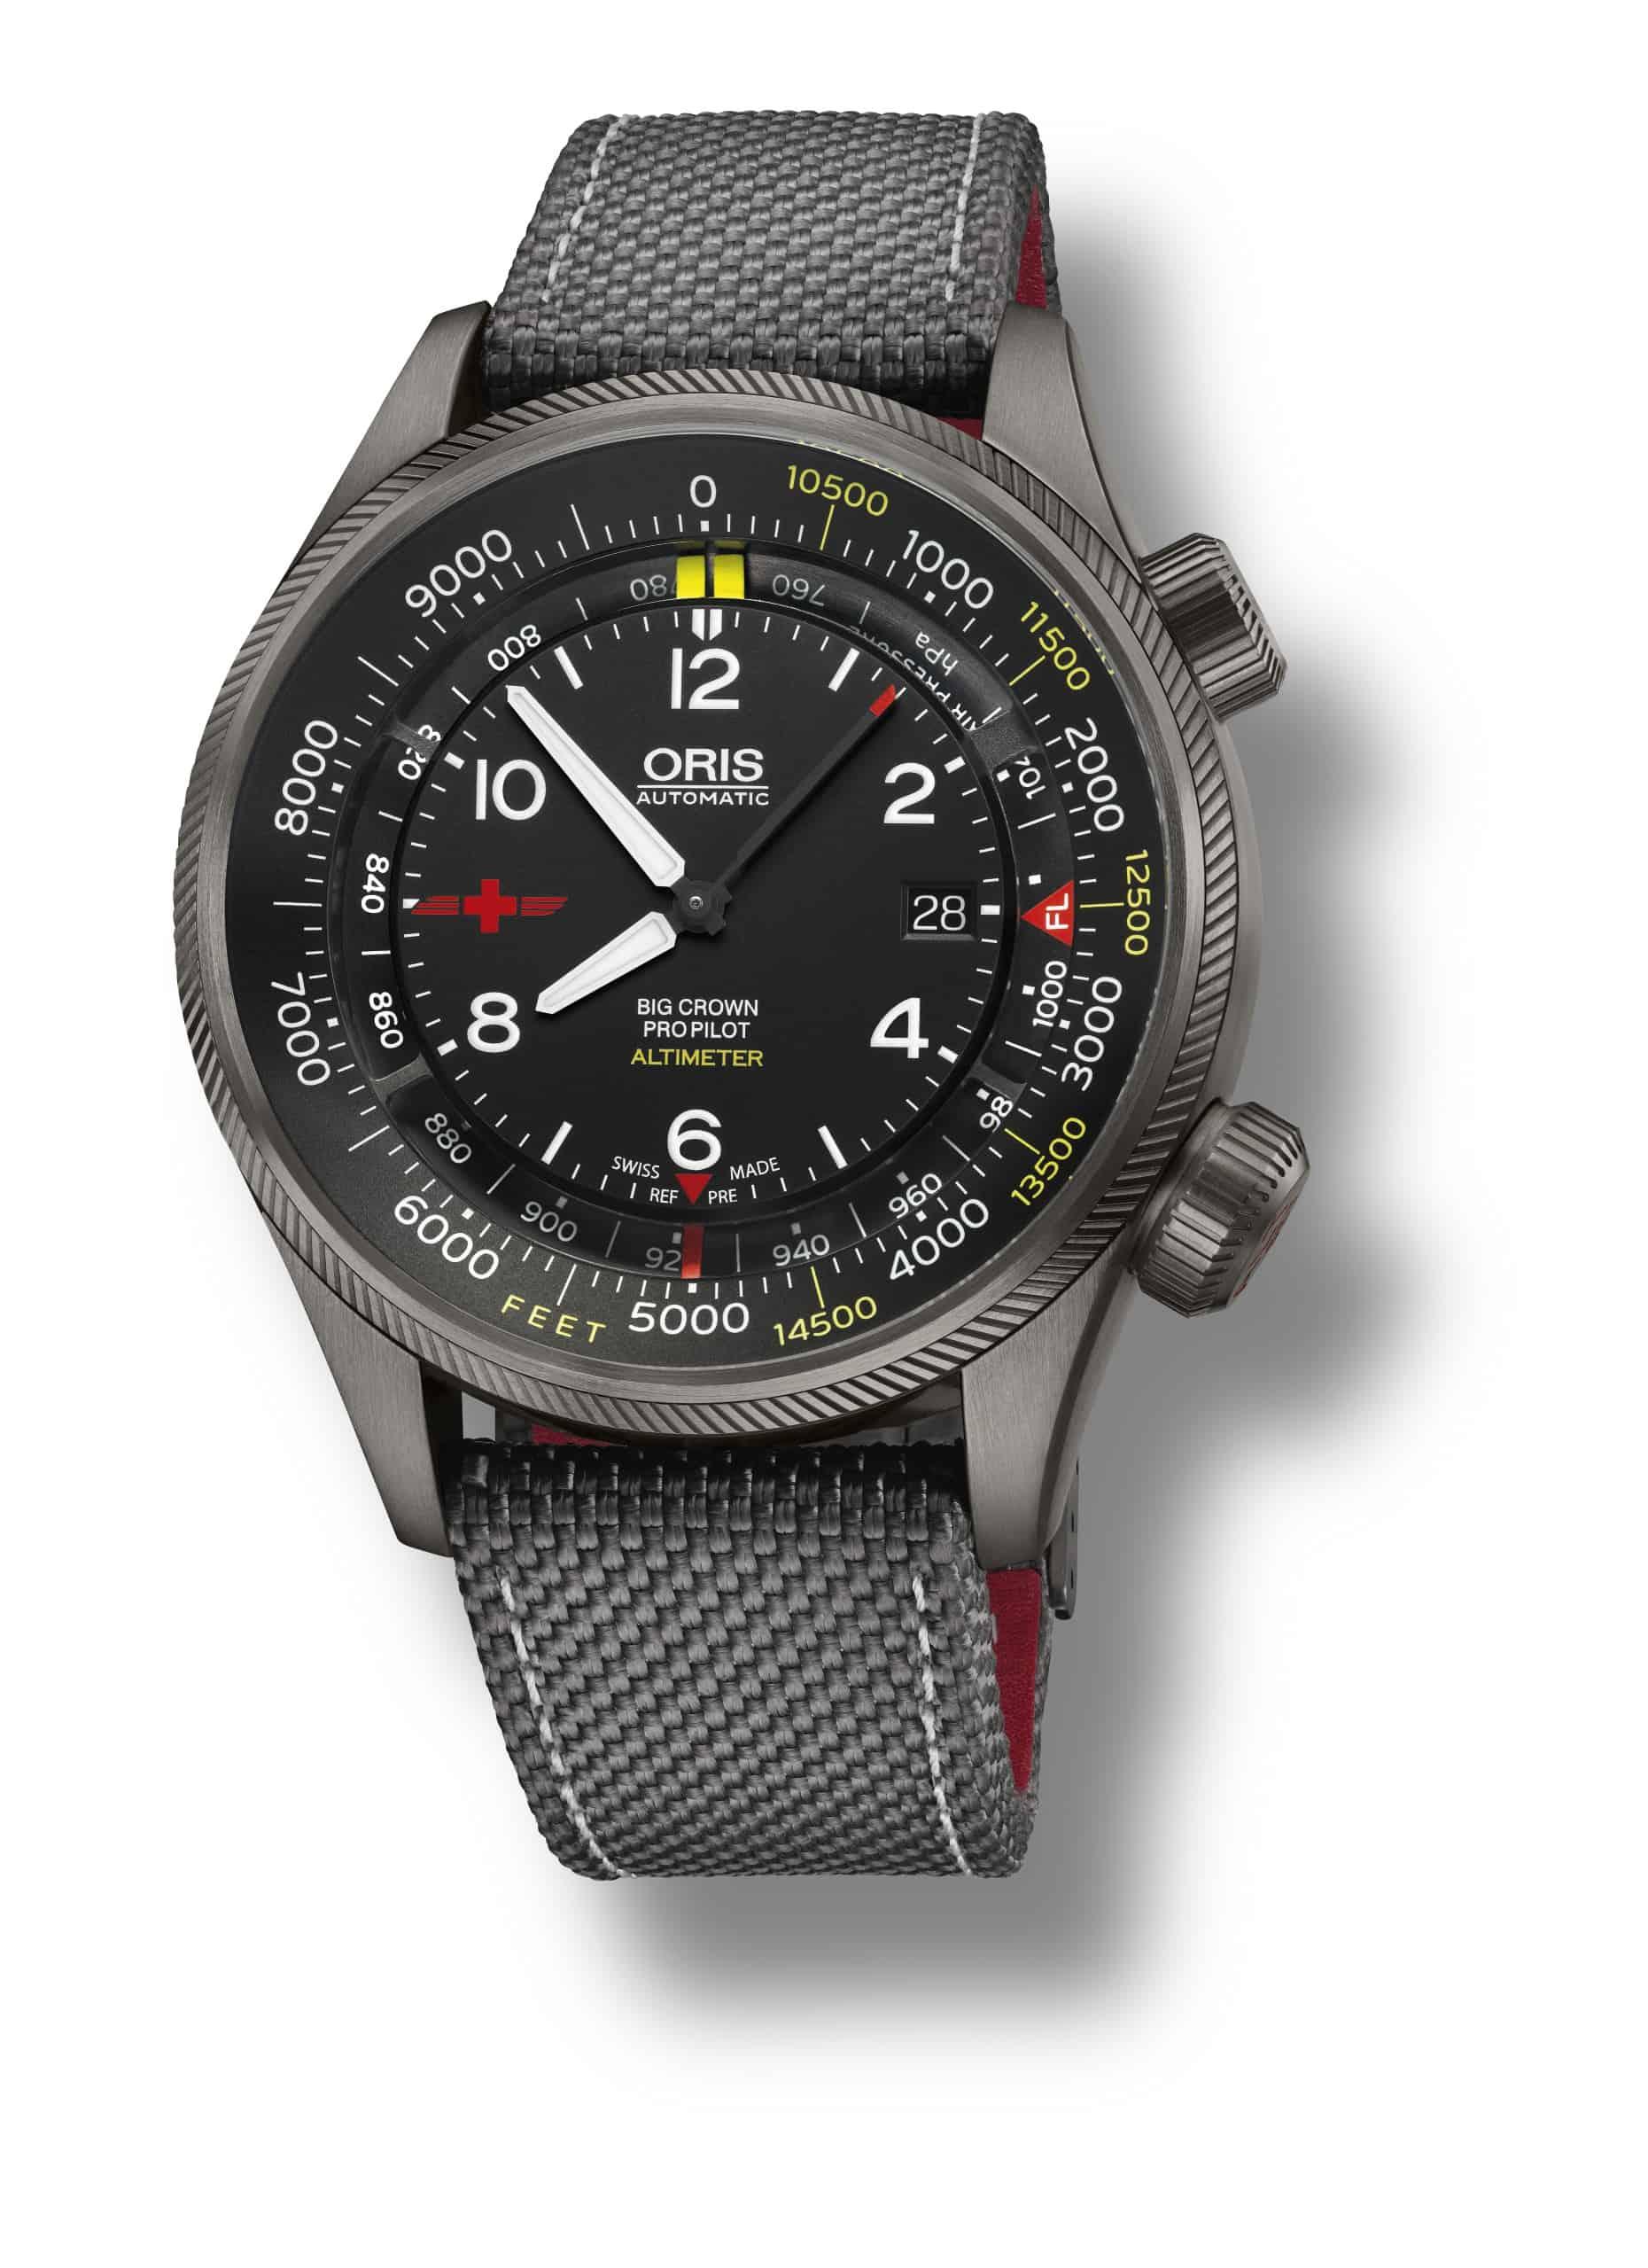 Der Oris ProPilot Altimeter ist eine klassische Pilotenuhr - aber mit dem praktischen Höhenmesser integriert